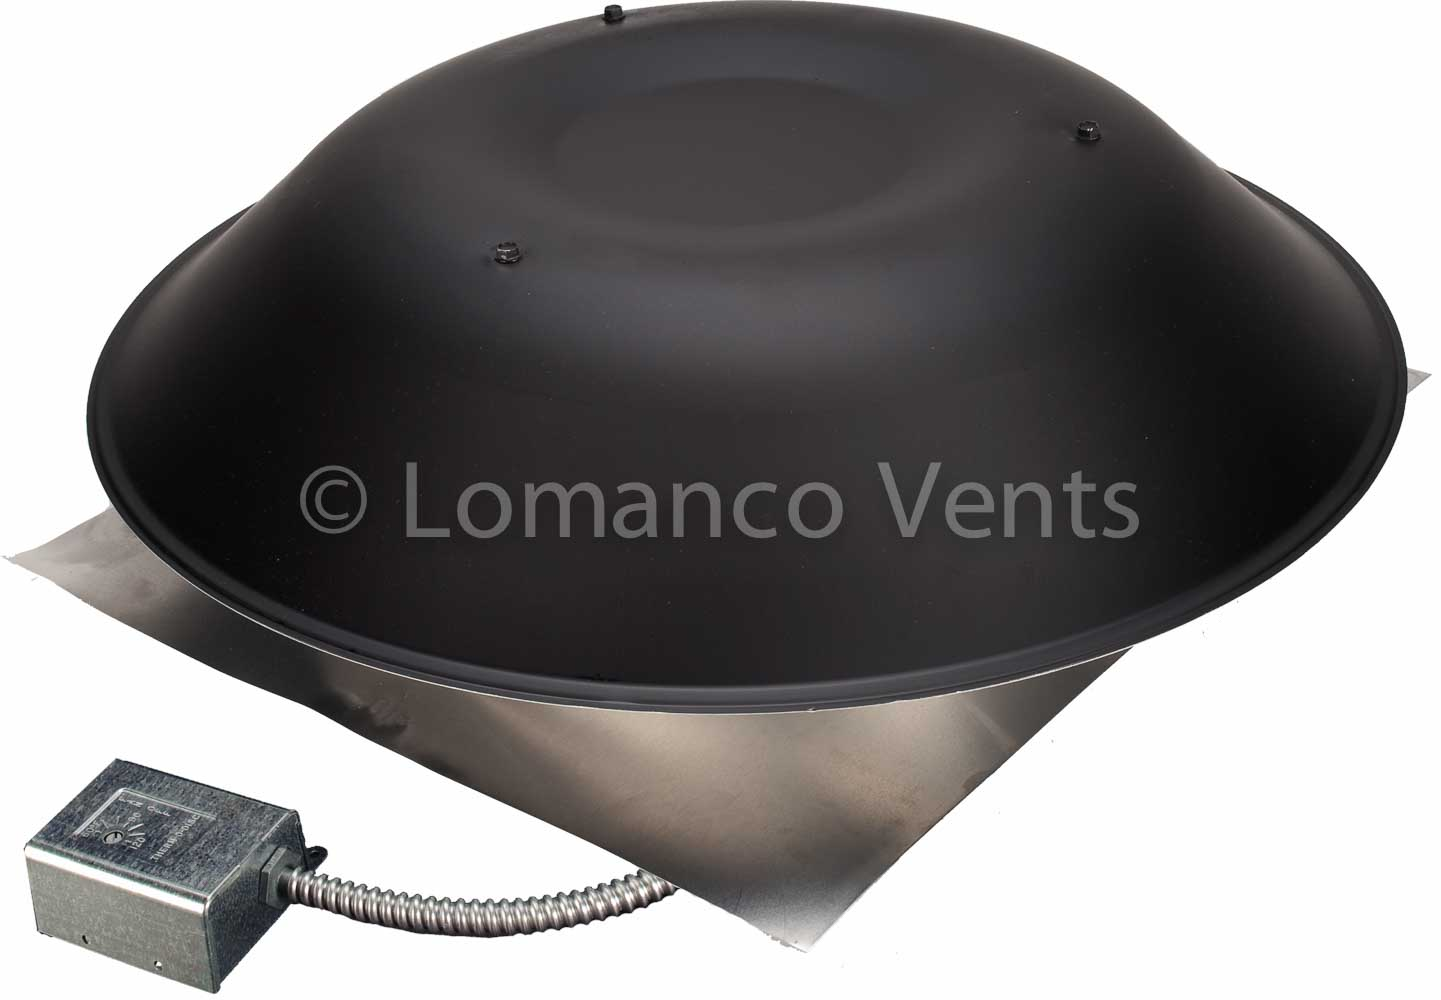 Lomanco Vents Standard Power Vents